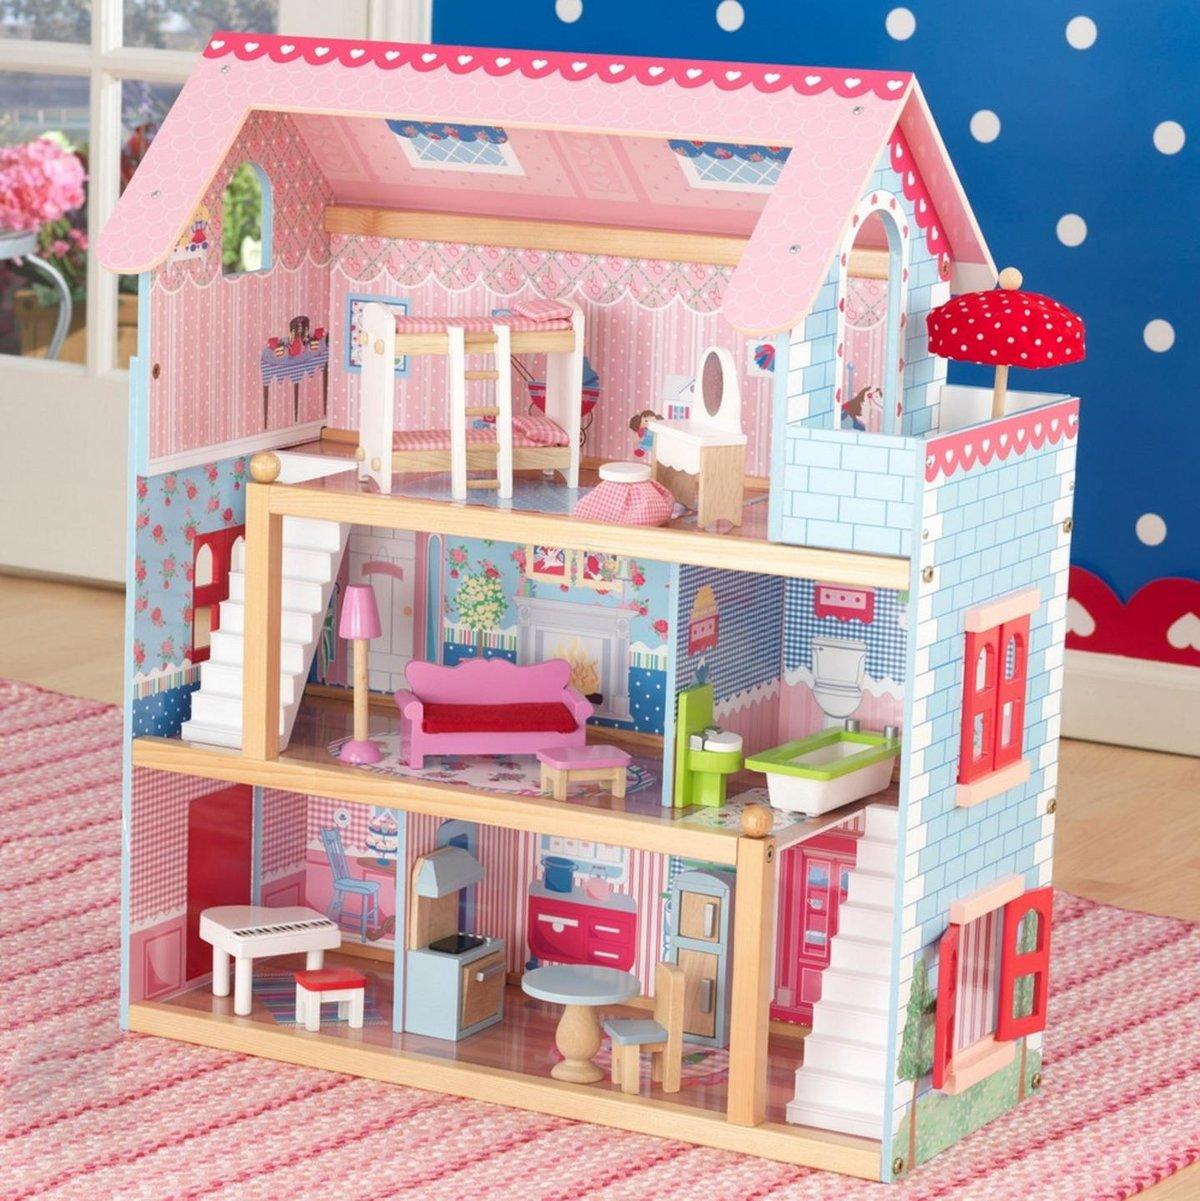 природе картинки дома для кукол внутри сейчас кипра